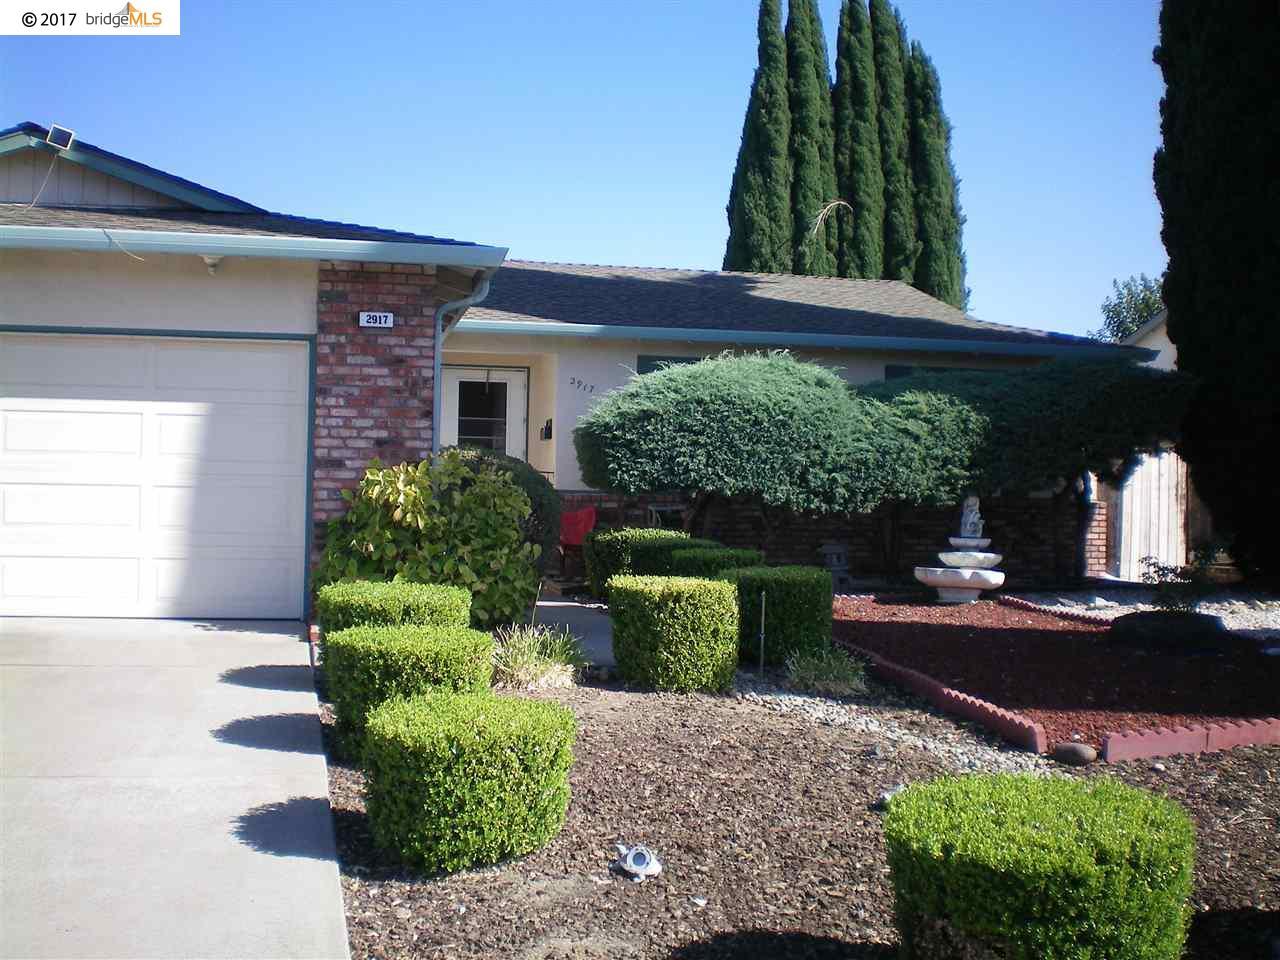 Частный односемейный дом для того Продажа на 2917 Palo Verde Way 2917 Palo Verde Way Antioch, Калифорния 94509 Соединенные Штаты